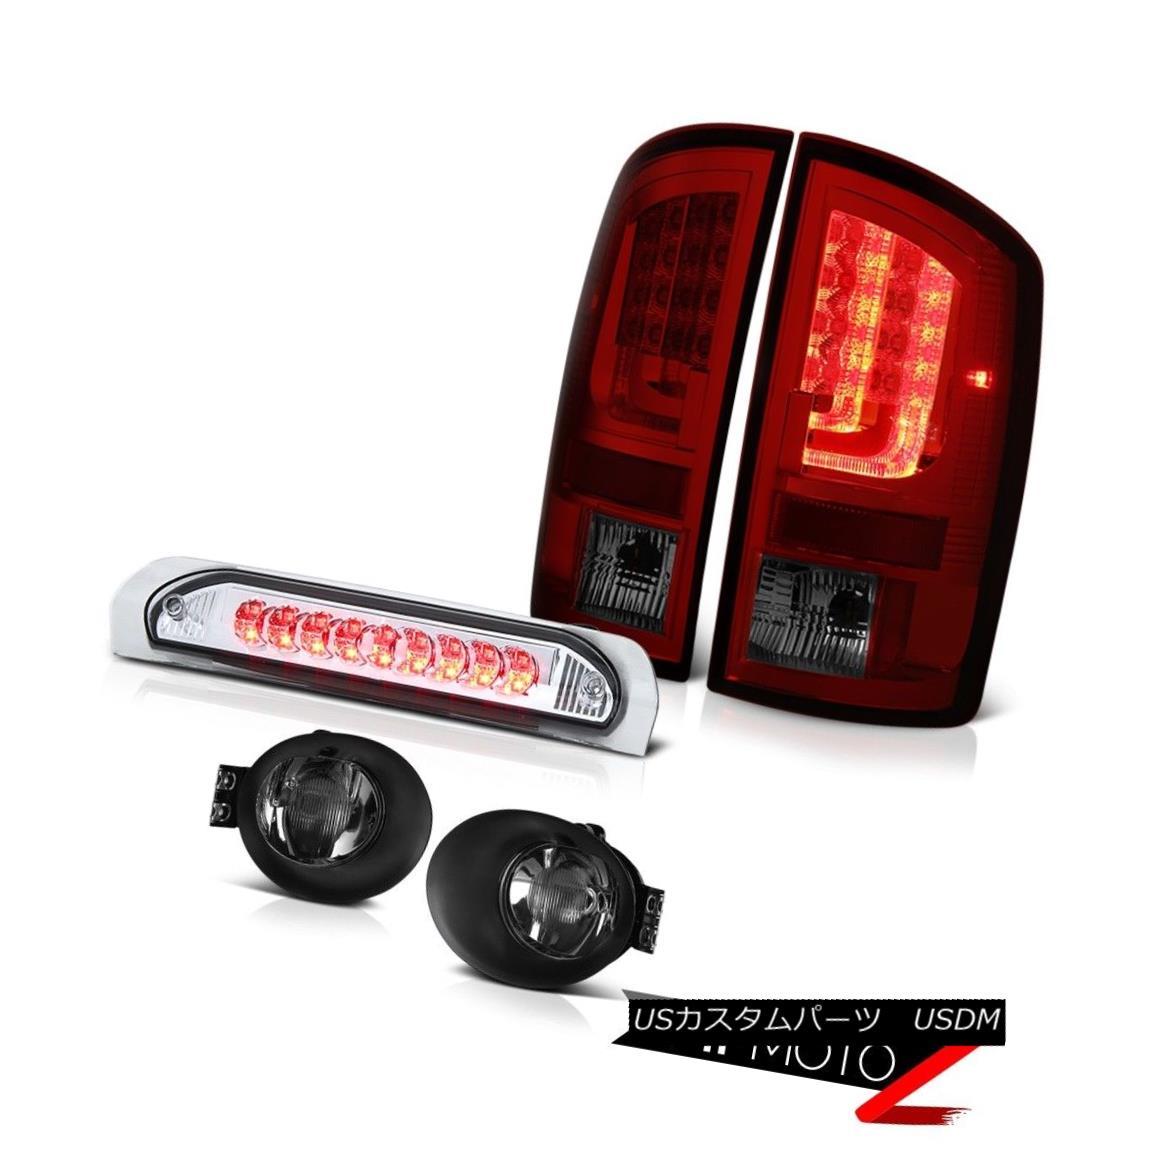 テールライト 2003-2006 Dodge Ram 3500 ST Tail Lamps Foglamps Chrome Roof Cab Lamp Light Bar 2003-2006 Dodge Ram 3500 STテールランプフォグランプクロームルーフキャブランプライトバー